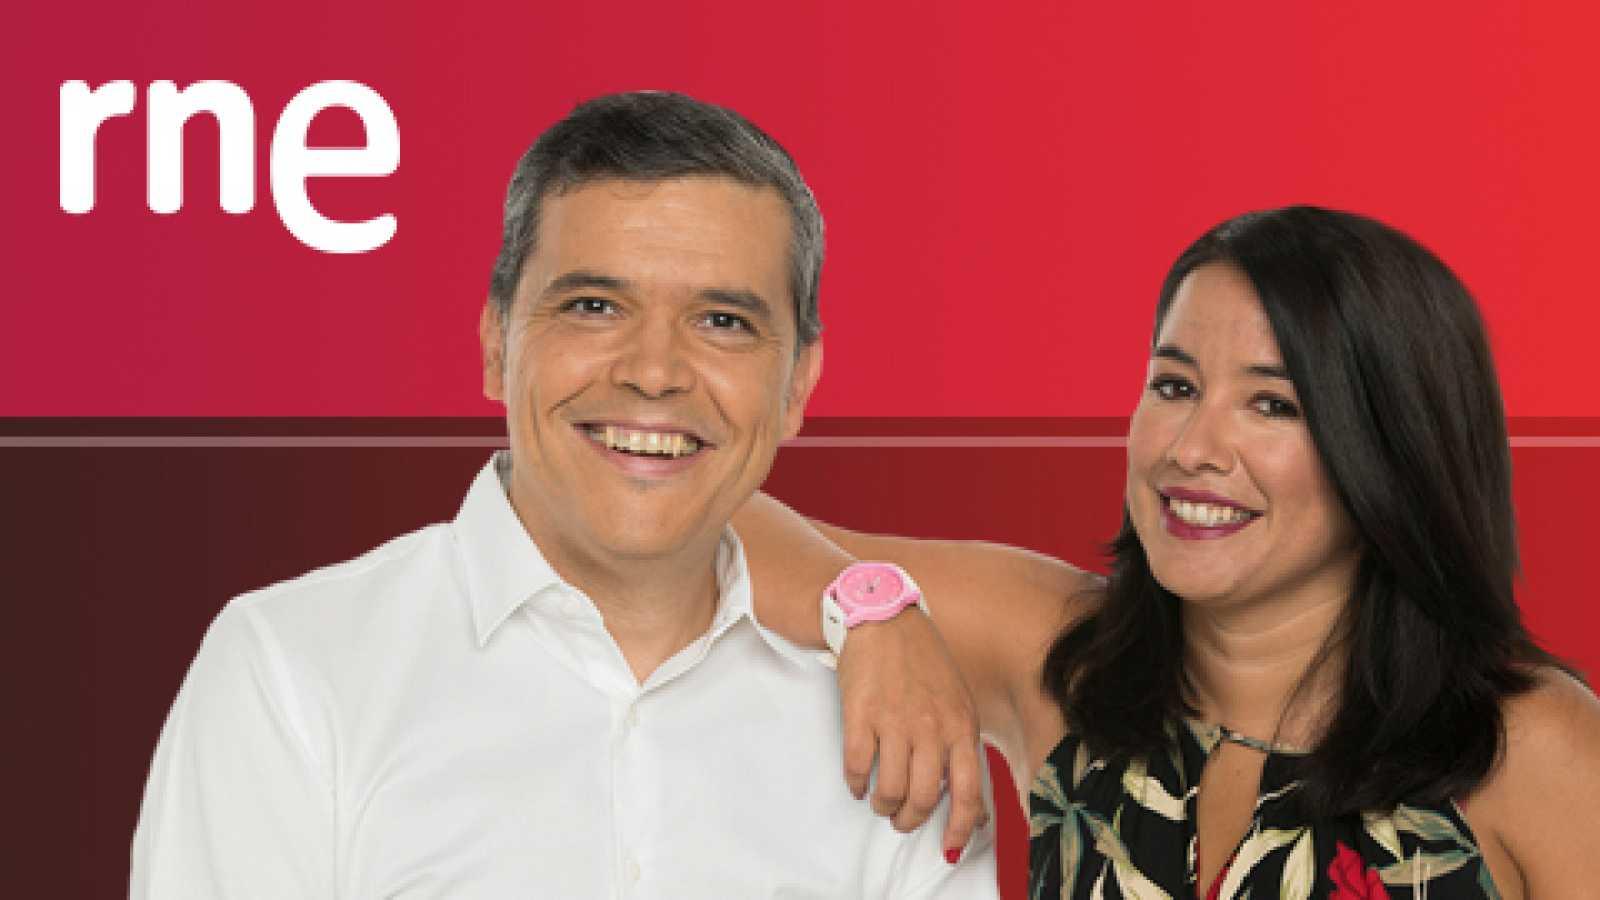 Las mañanas de RNE con Alfredo Menéndez - Primera hora - 16/01/19 - escuchar ahora